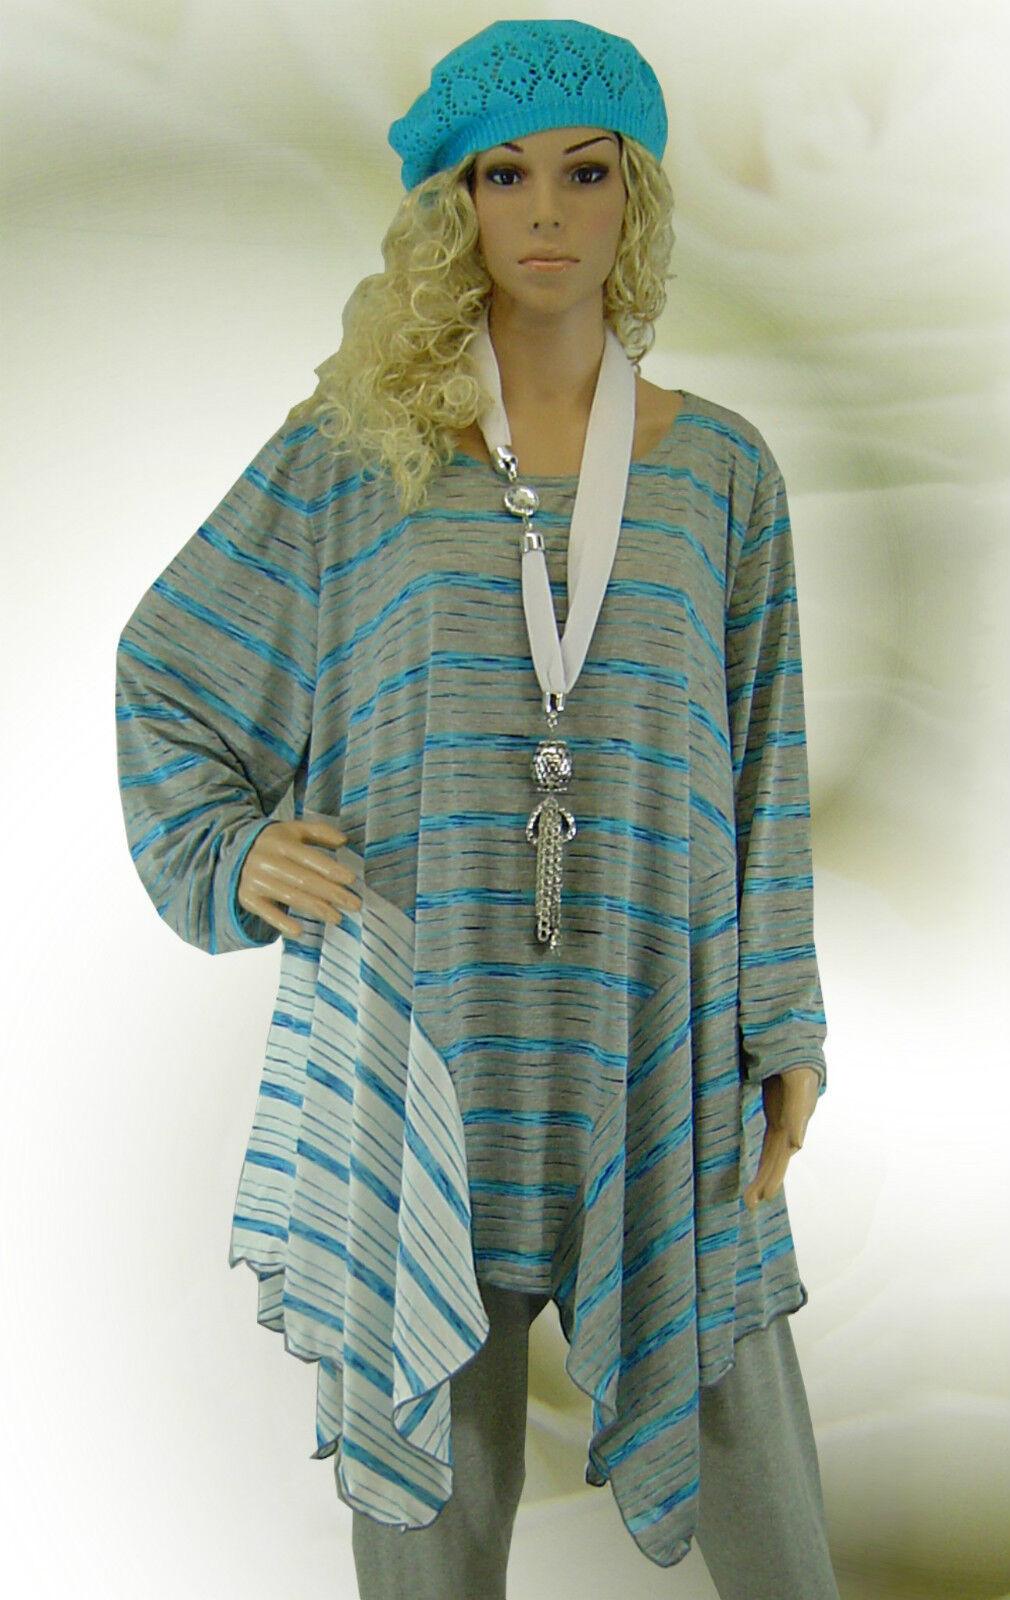 Poco design Lagenlook finemente lavorato a maglia tunica Long-shirt Long-shirt Long-shirt strisce ❸ FB L-XL-XXL-XXXL 432ce6